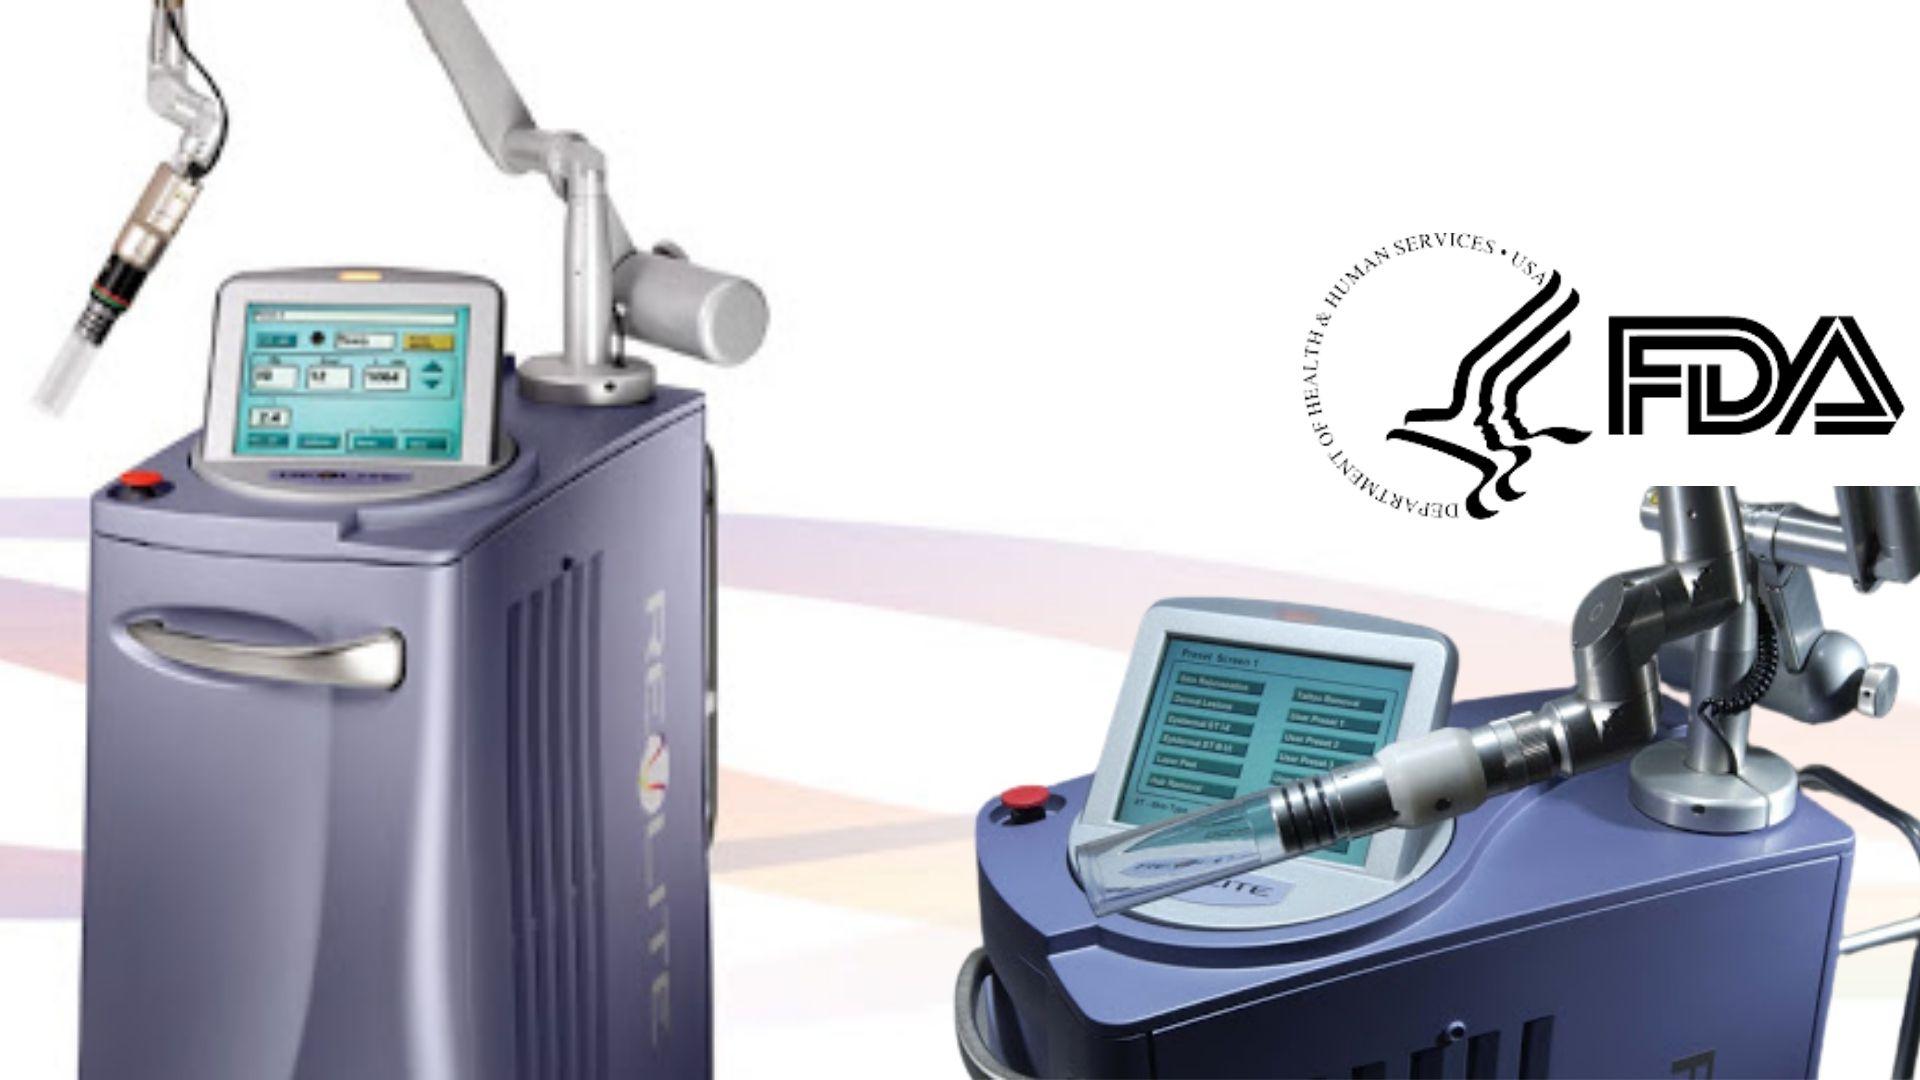 Laser Revlite máy trị nám FDA